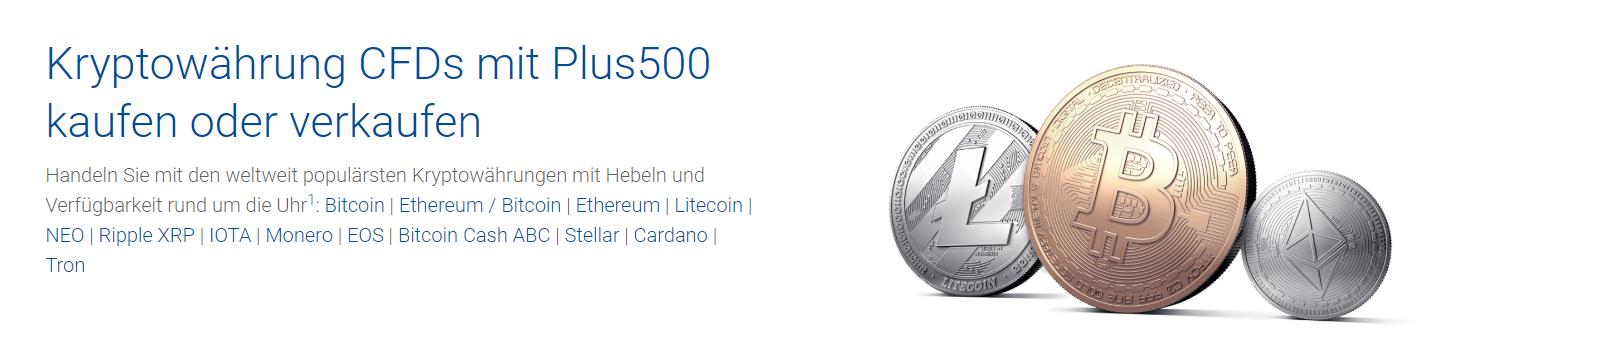 Plus500 bietet acht Kryptowährungen zum Handel an